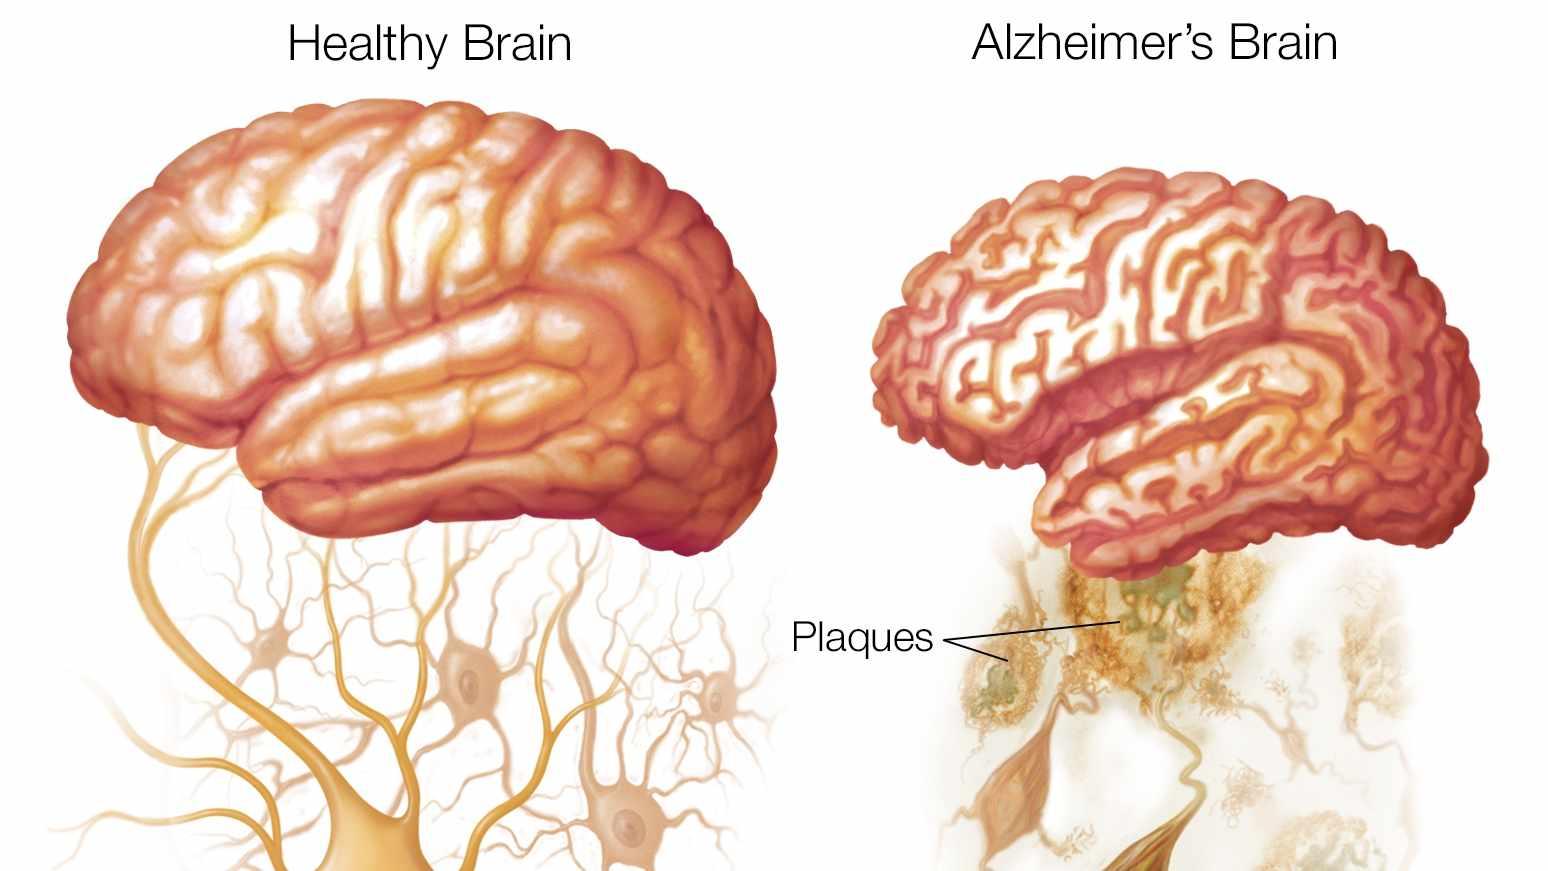 Ilustración de un cerebro sano y otro con la enfermedad de Alzheimer